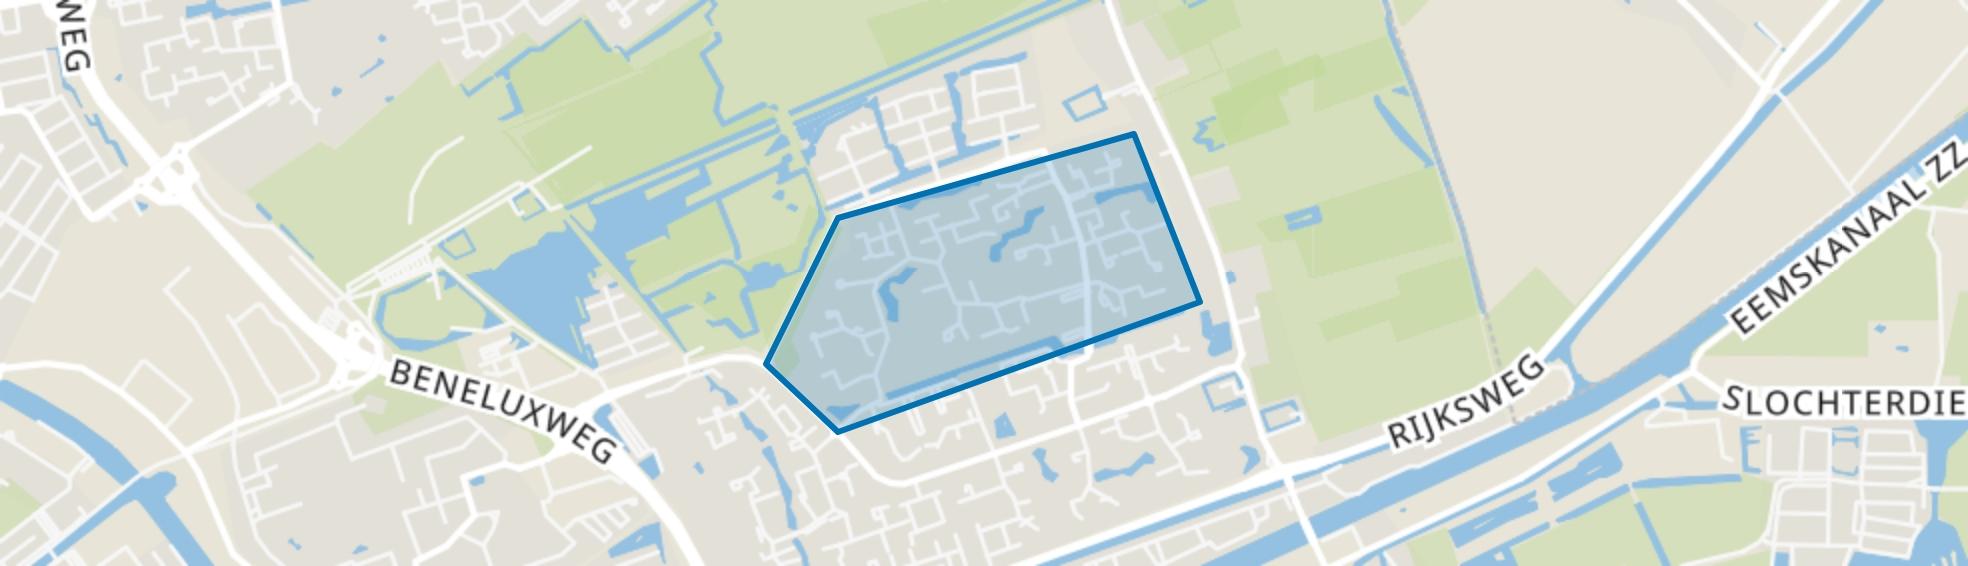 Lewenborg-Noord, Groningen map